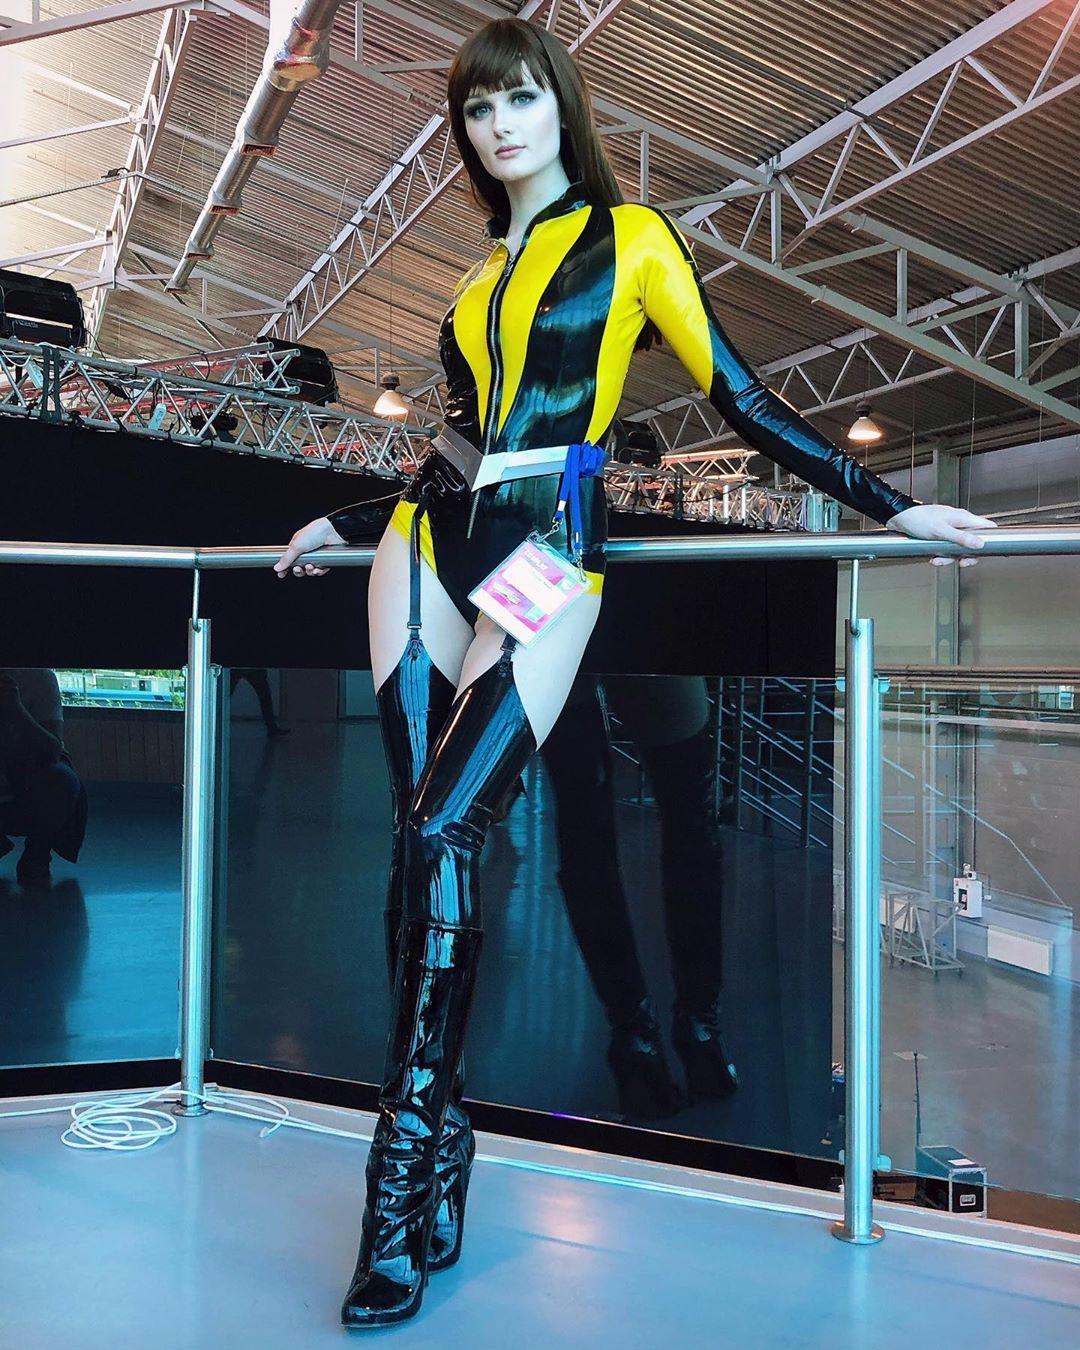 Silk Spectre From Watchmen By Tniwe